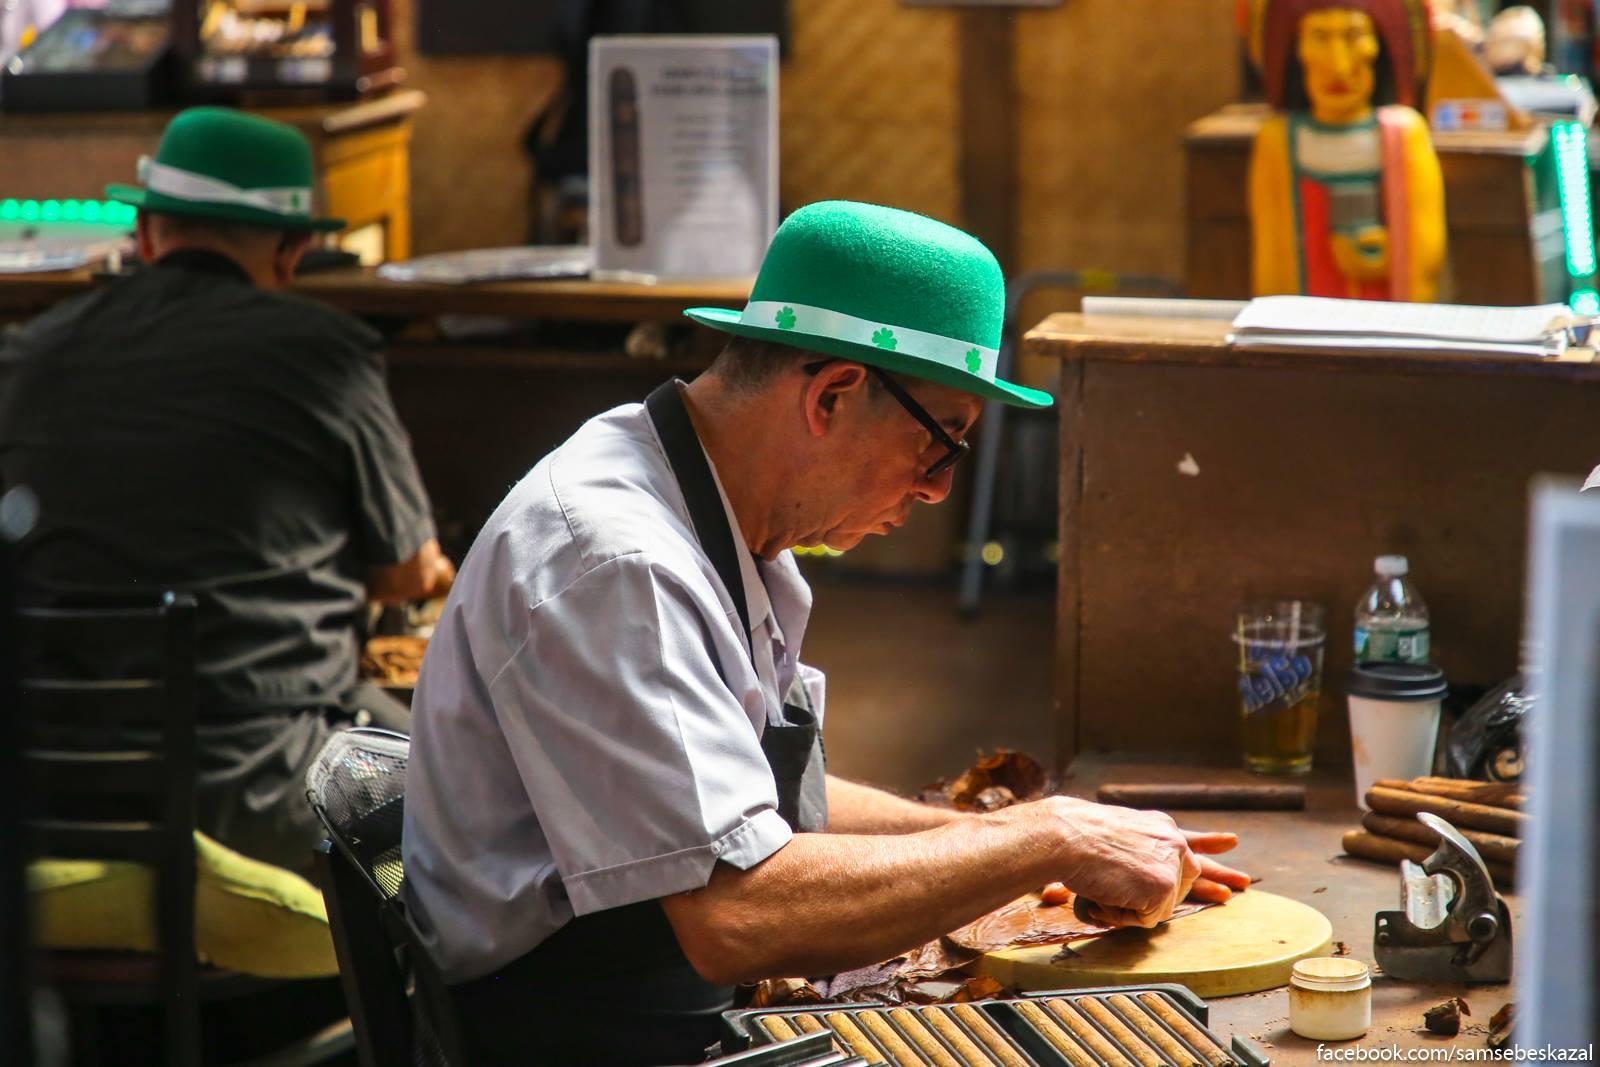 Dominikanskie mastera po izgotavlivaniu sigar i Denʹ Svatogo Patrika. Navernoe etoj professii estʹ kakoe-to naucnoe nazvanie, no lenʹ guglitʹ. Malenʹkaa Italia.